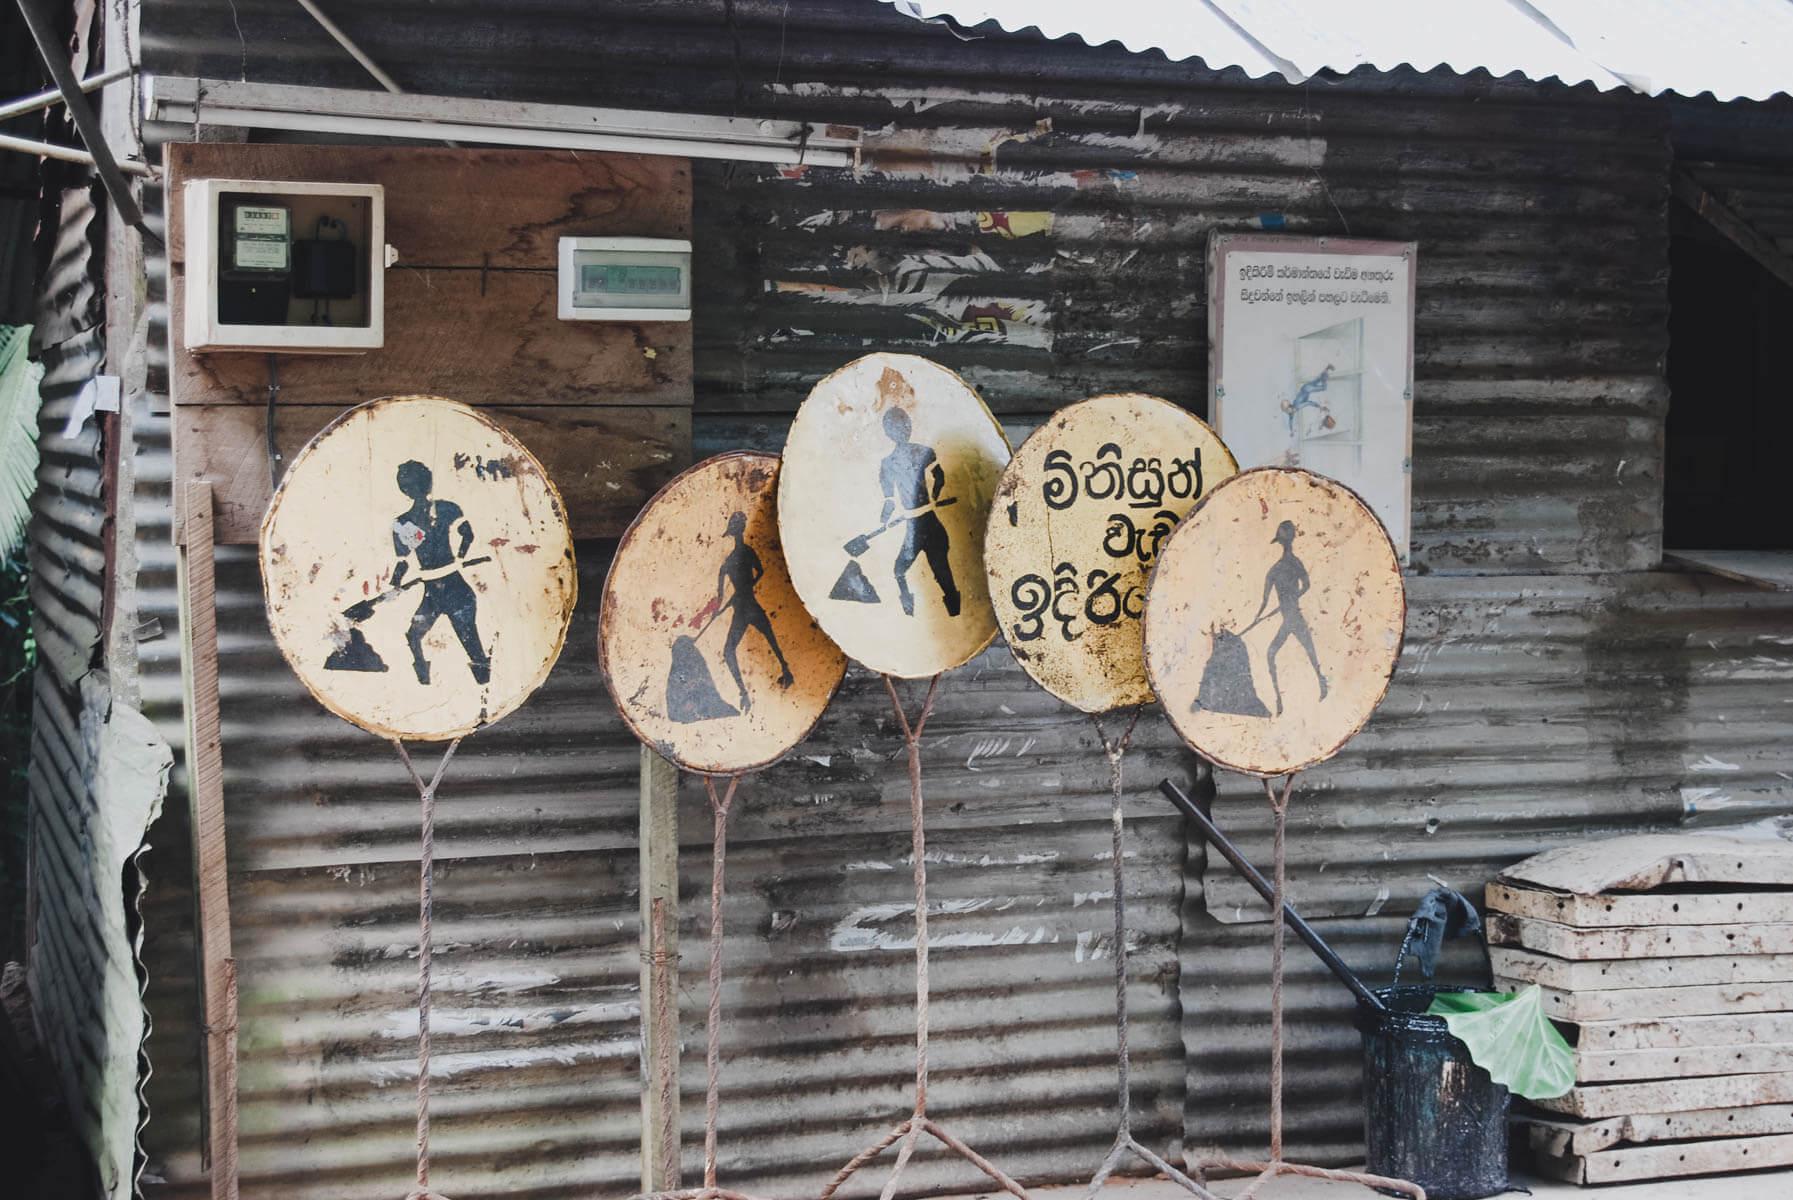 Straßenarbeiten Straßenschilder in Sri Lanka